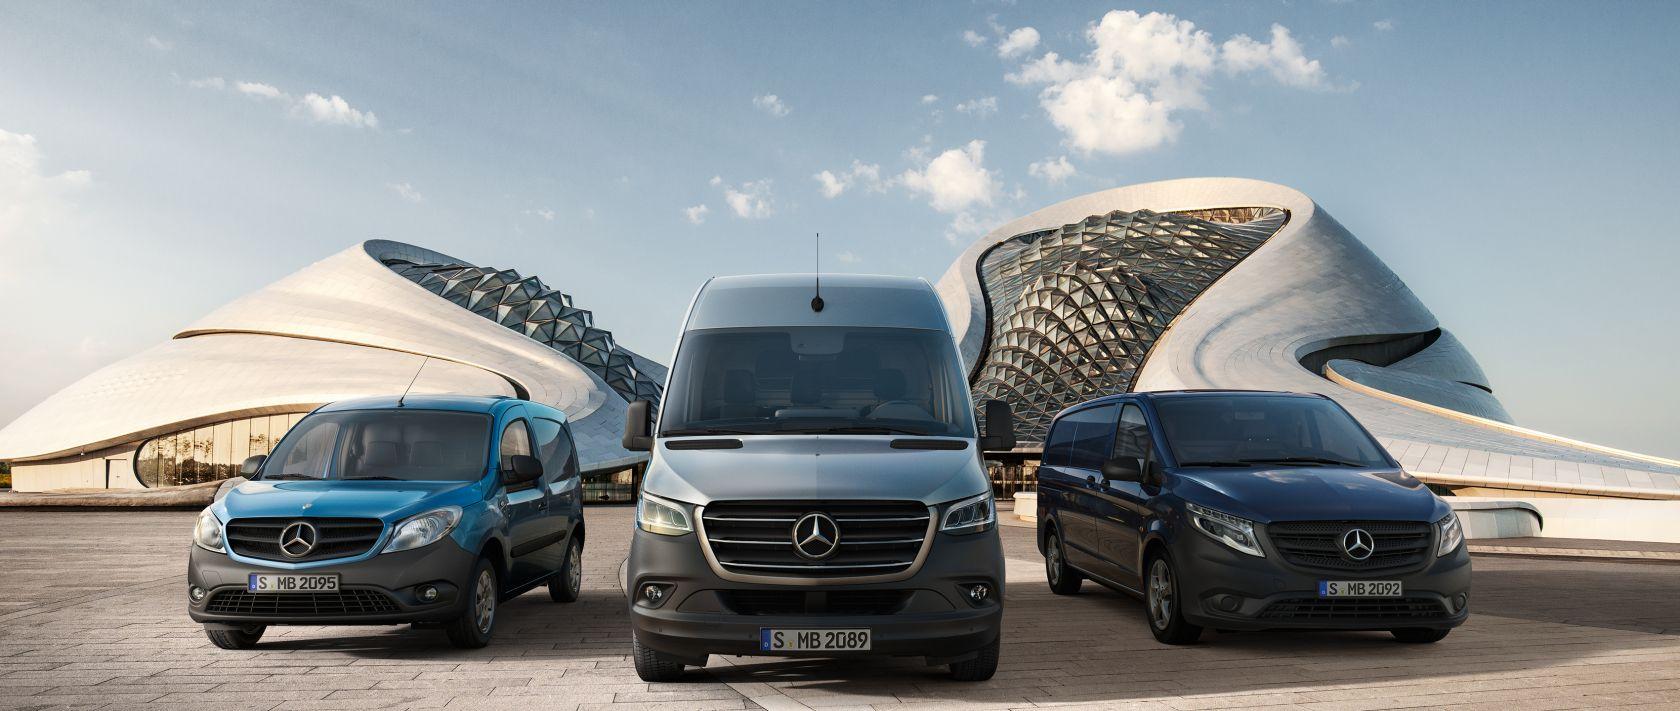 Daimler recolhe centenas de milhares de modelos Mercedes a gasóleo